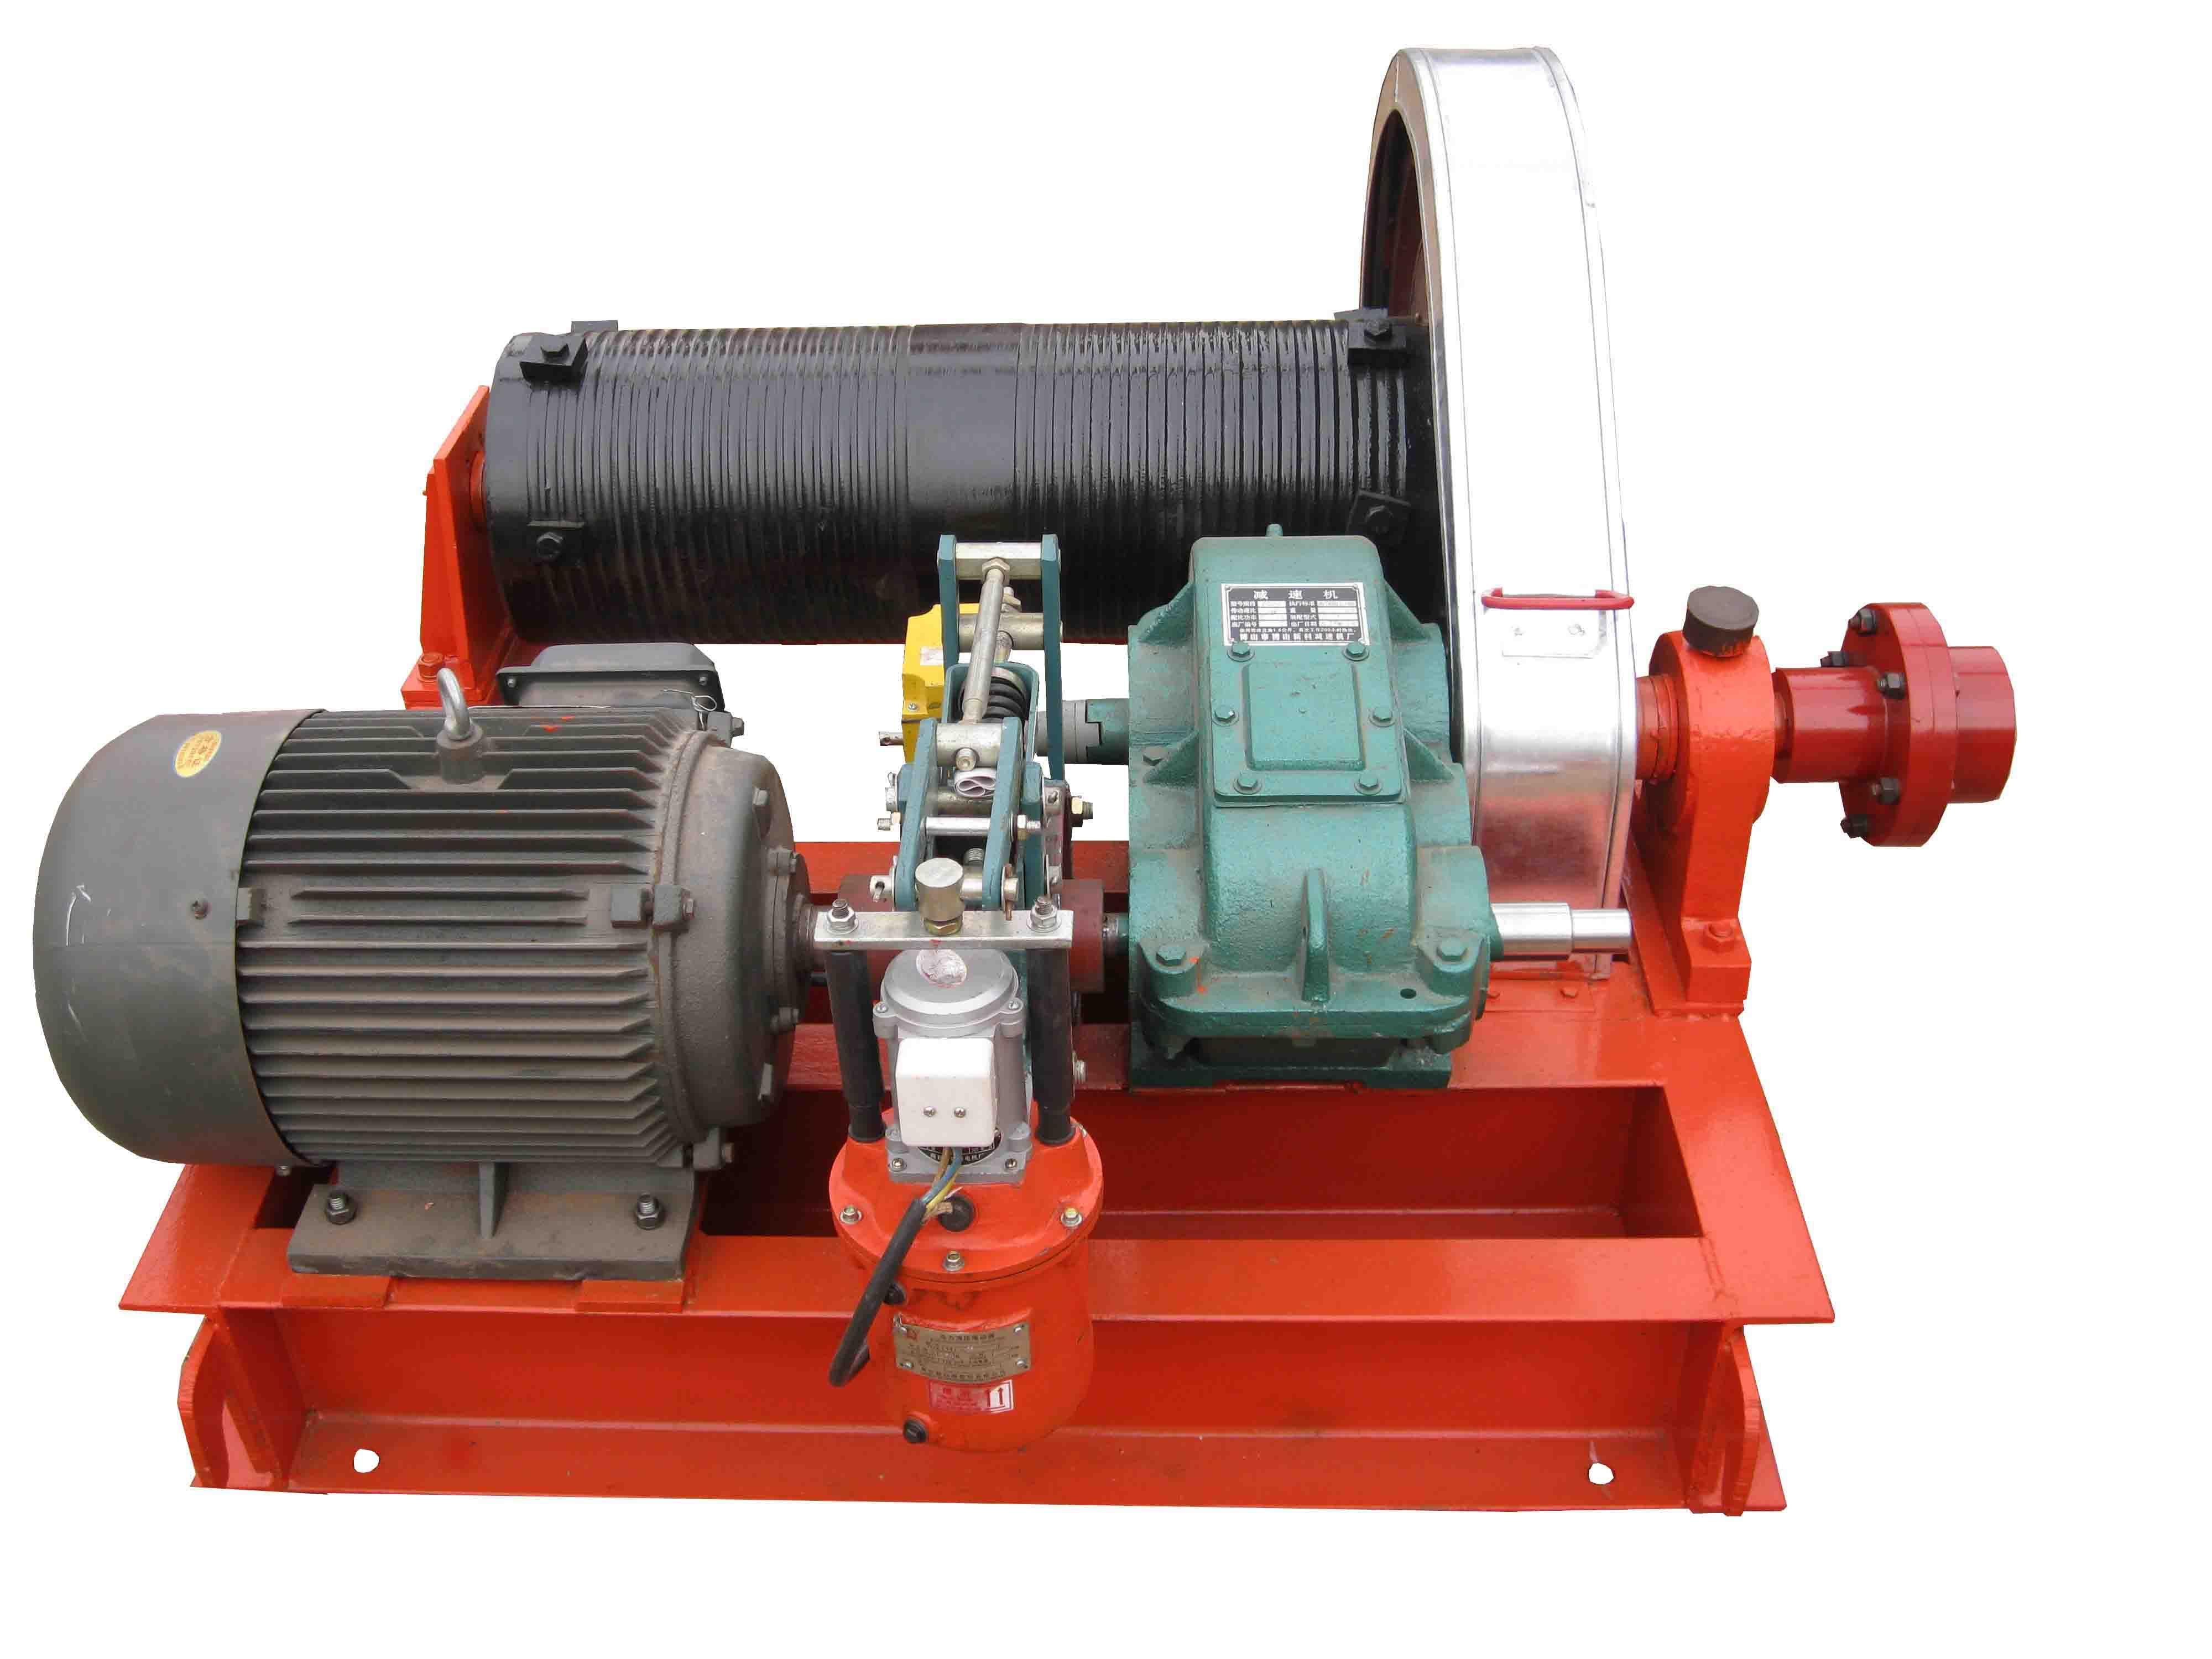 谷瀑环保设备网 水工机械      jk/jm系列建筑卷扬机是一种体积小